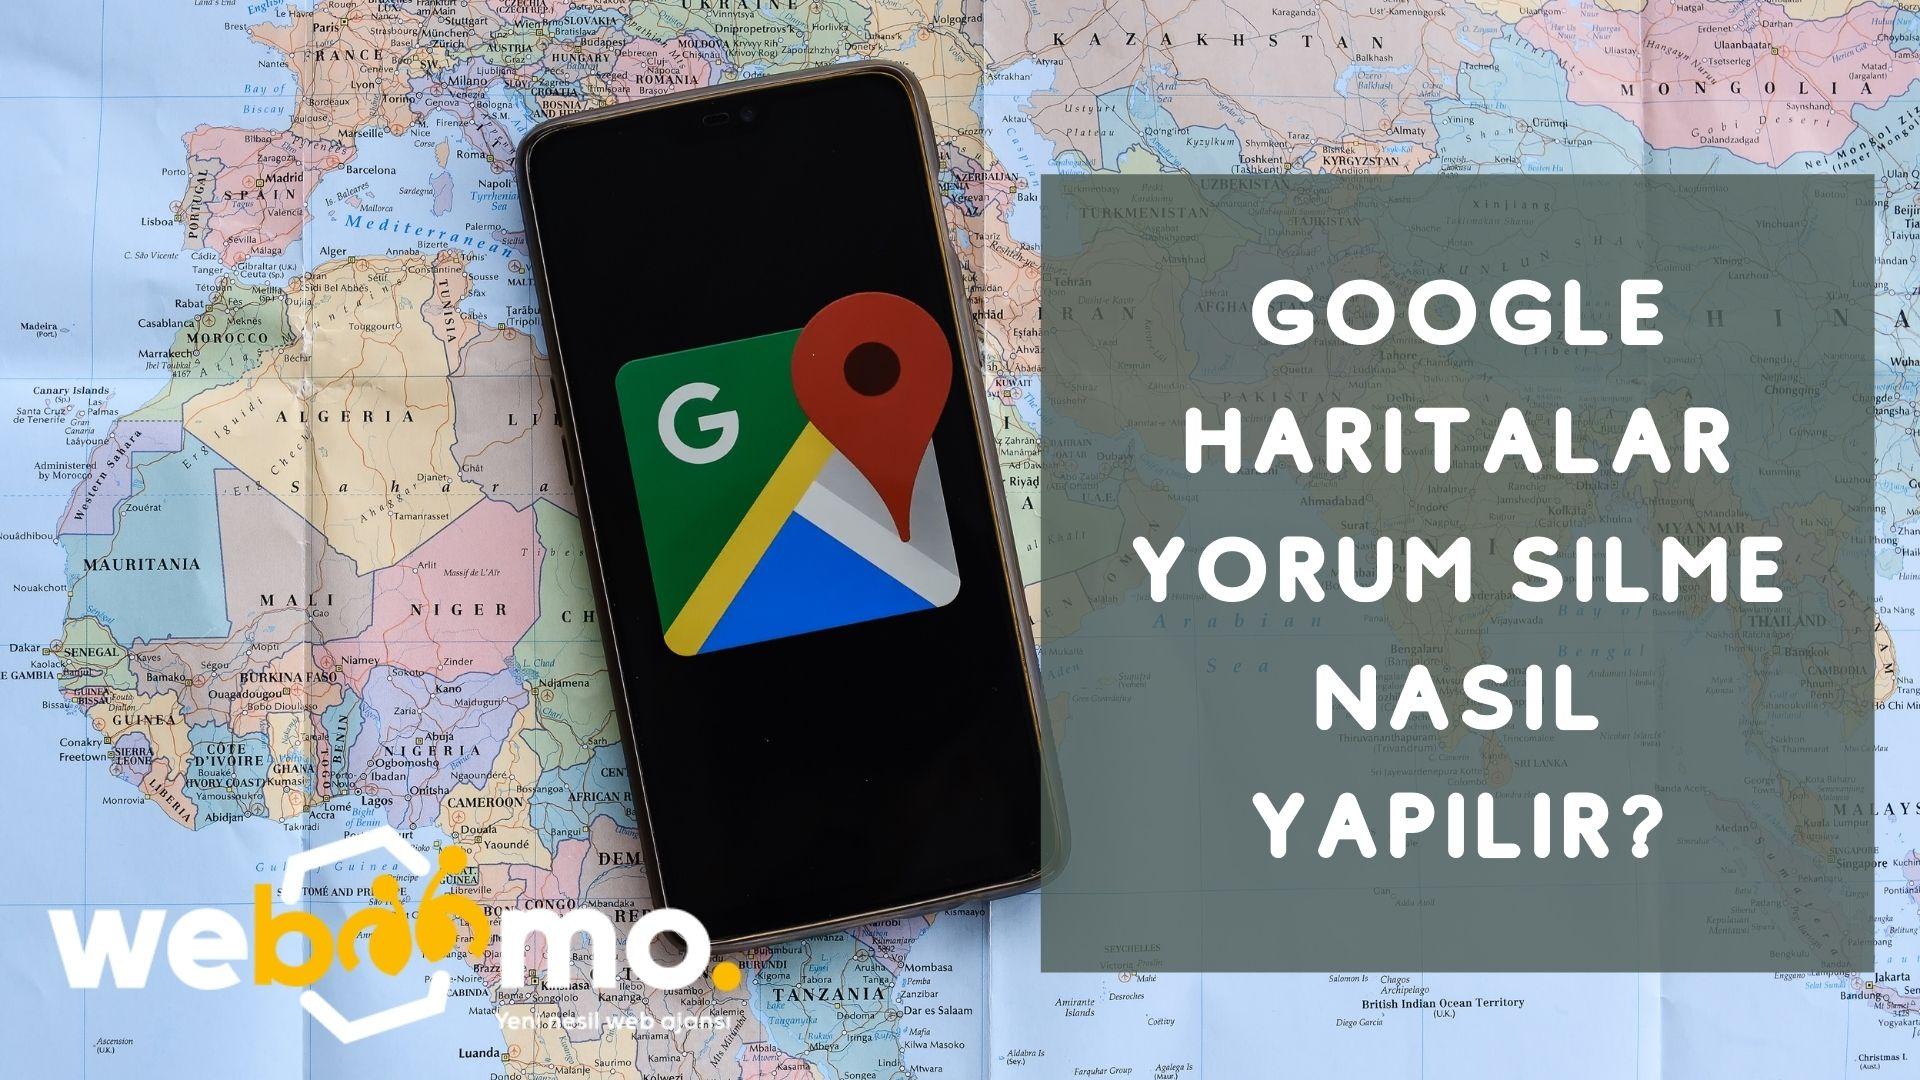 Google Haritalar Yorum Silme Nasıl Yapılır?